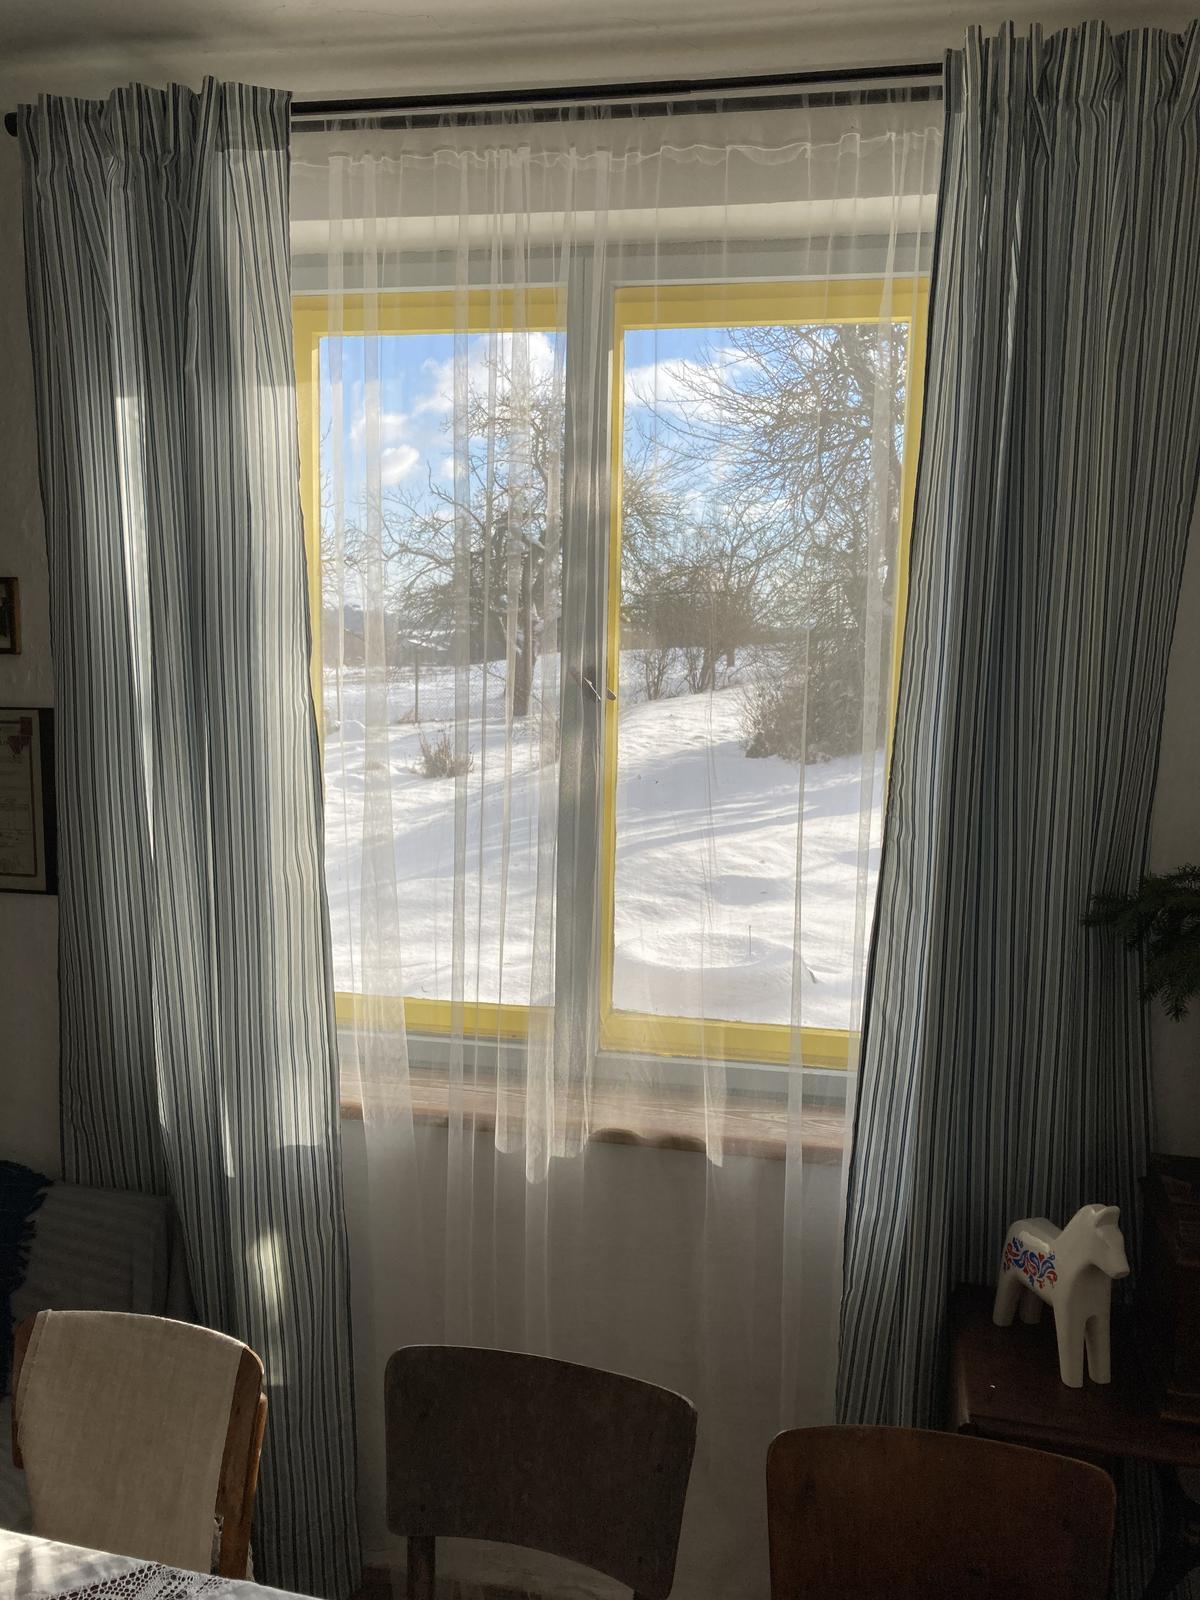 Dom - prvý zasnežený výhľad z okna jedálne 🎄